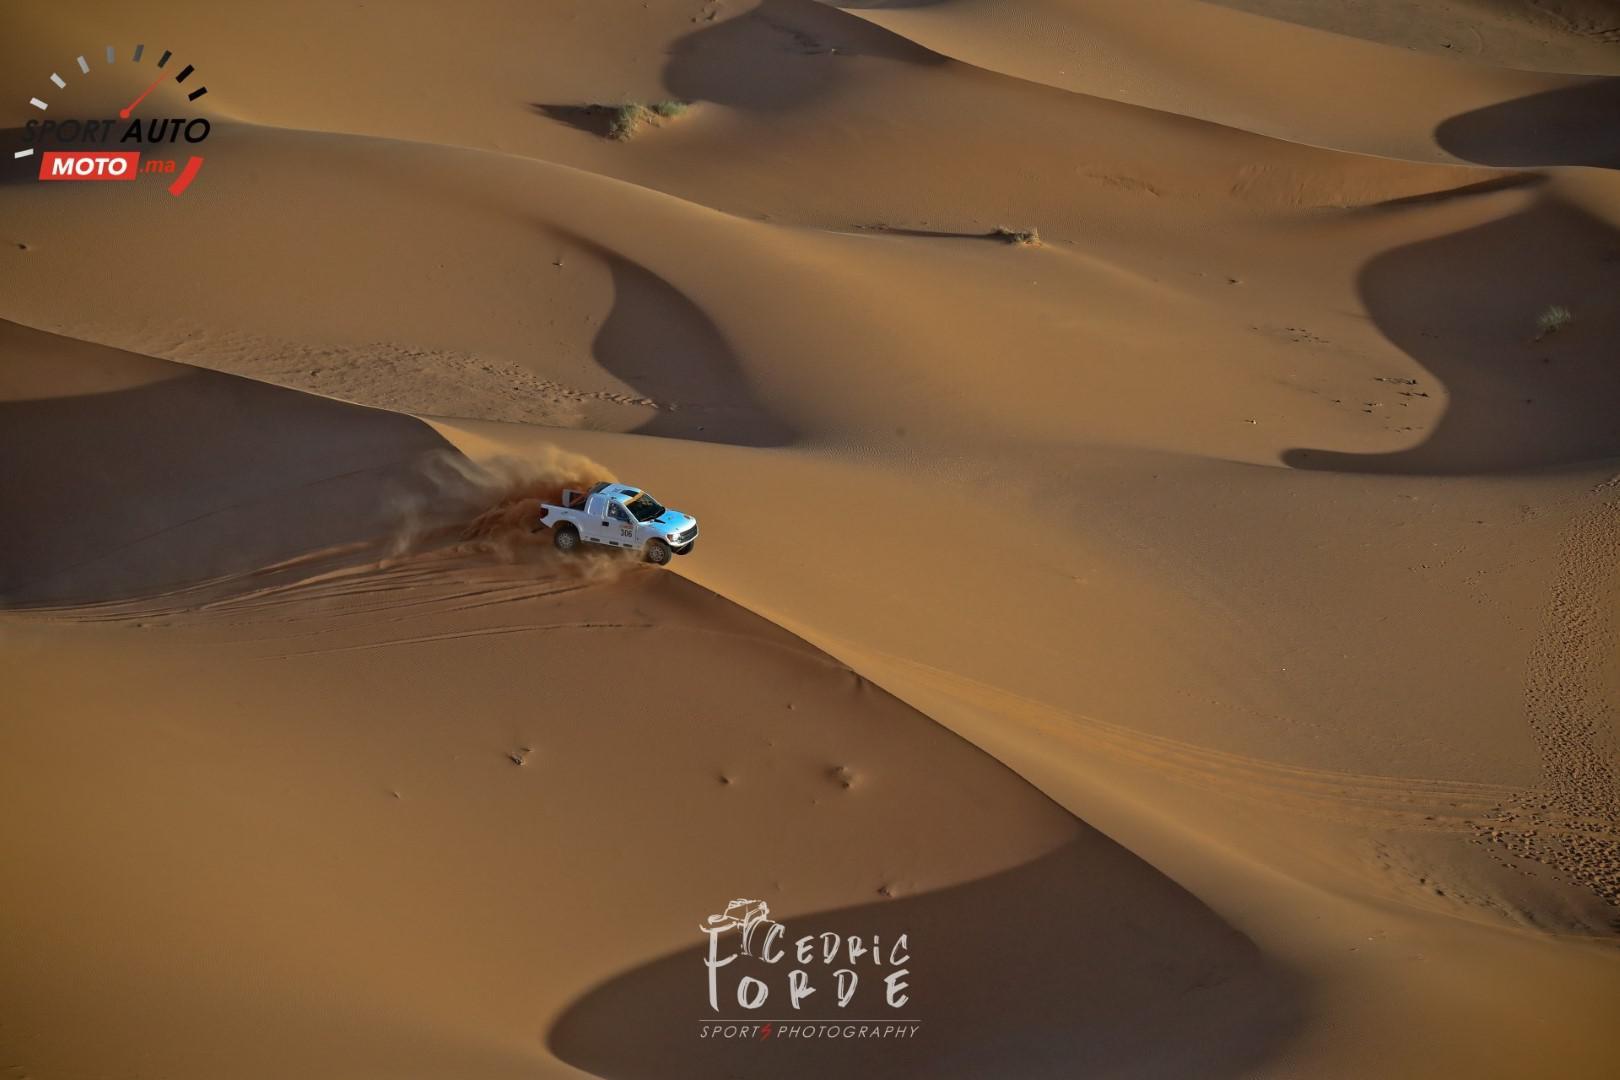 Hearts Of Morocco 2018 : Cherednikov et Engel vainqueurs sur les dunes